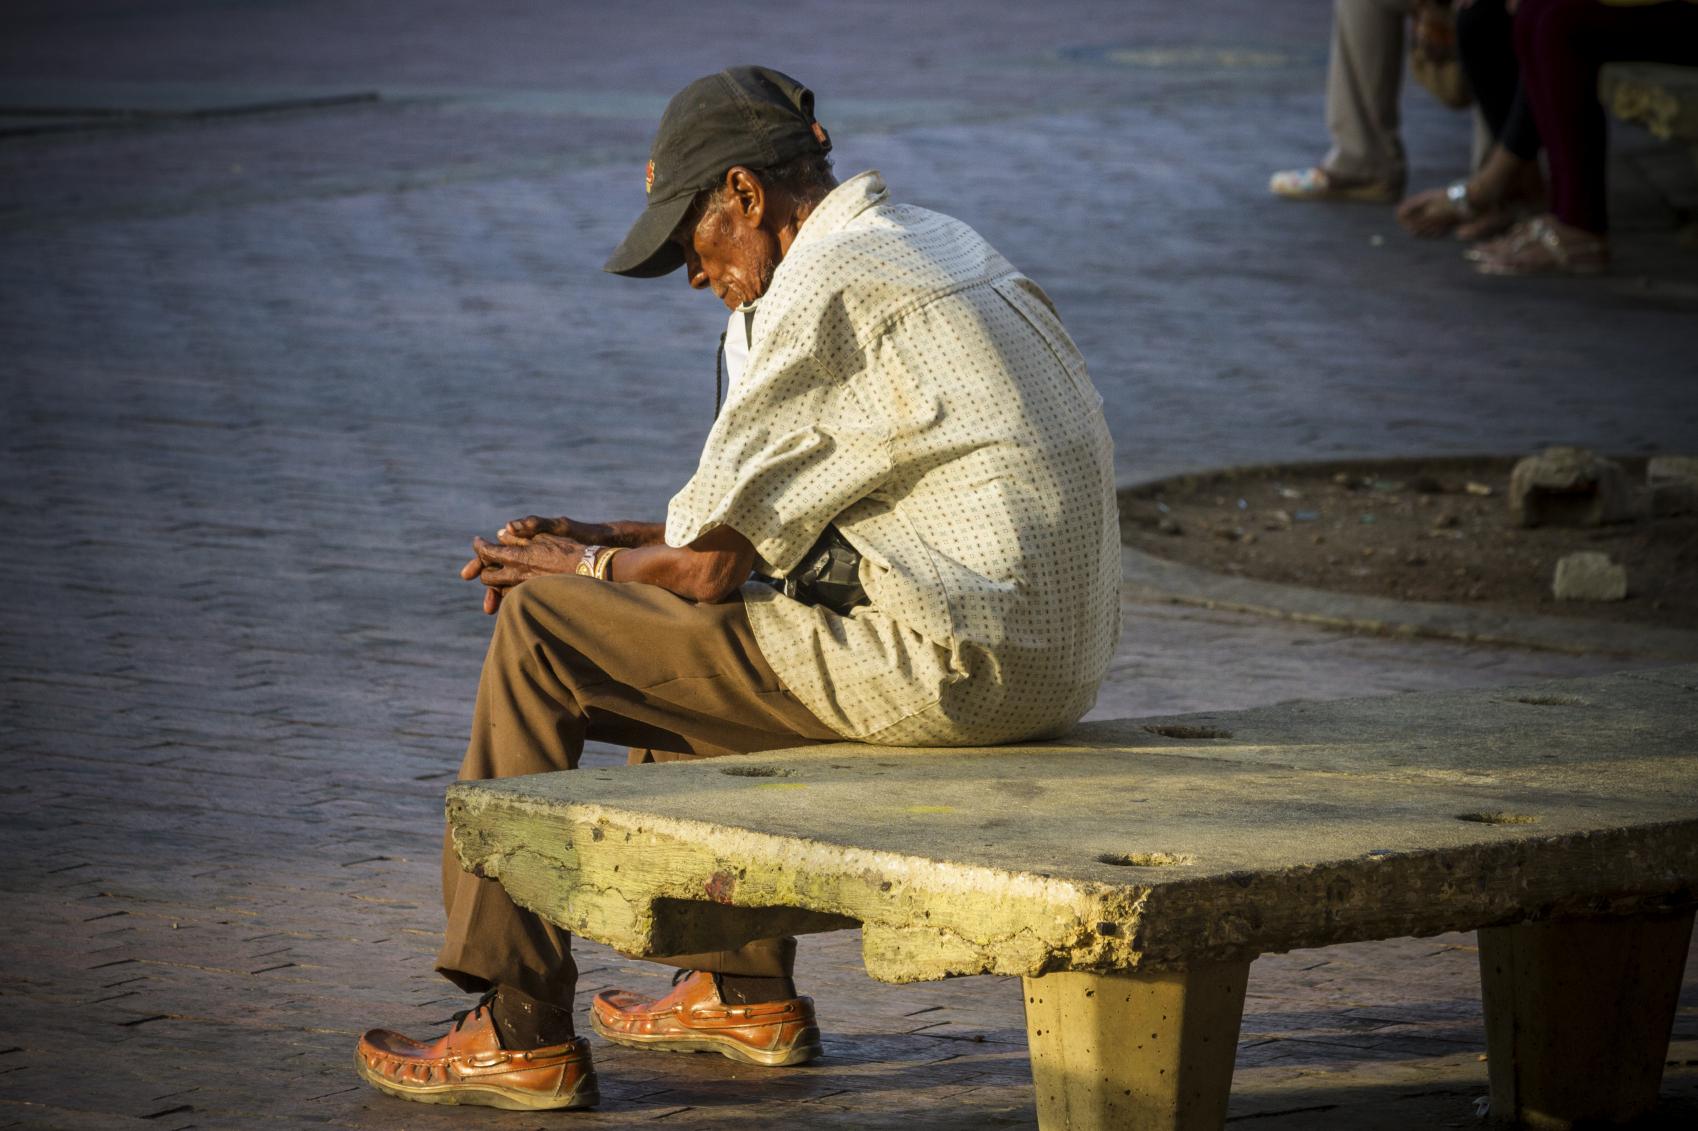 Según el Departamento Administrativo Nacional de Estadística (Dane), entre el 2010 y 2014, 3,4 millones de colombianos salieron de la Pobreza Multidimensional